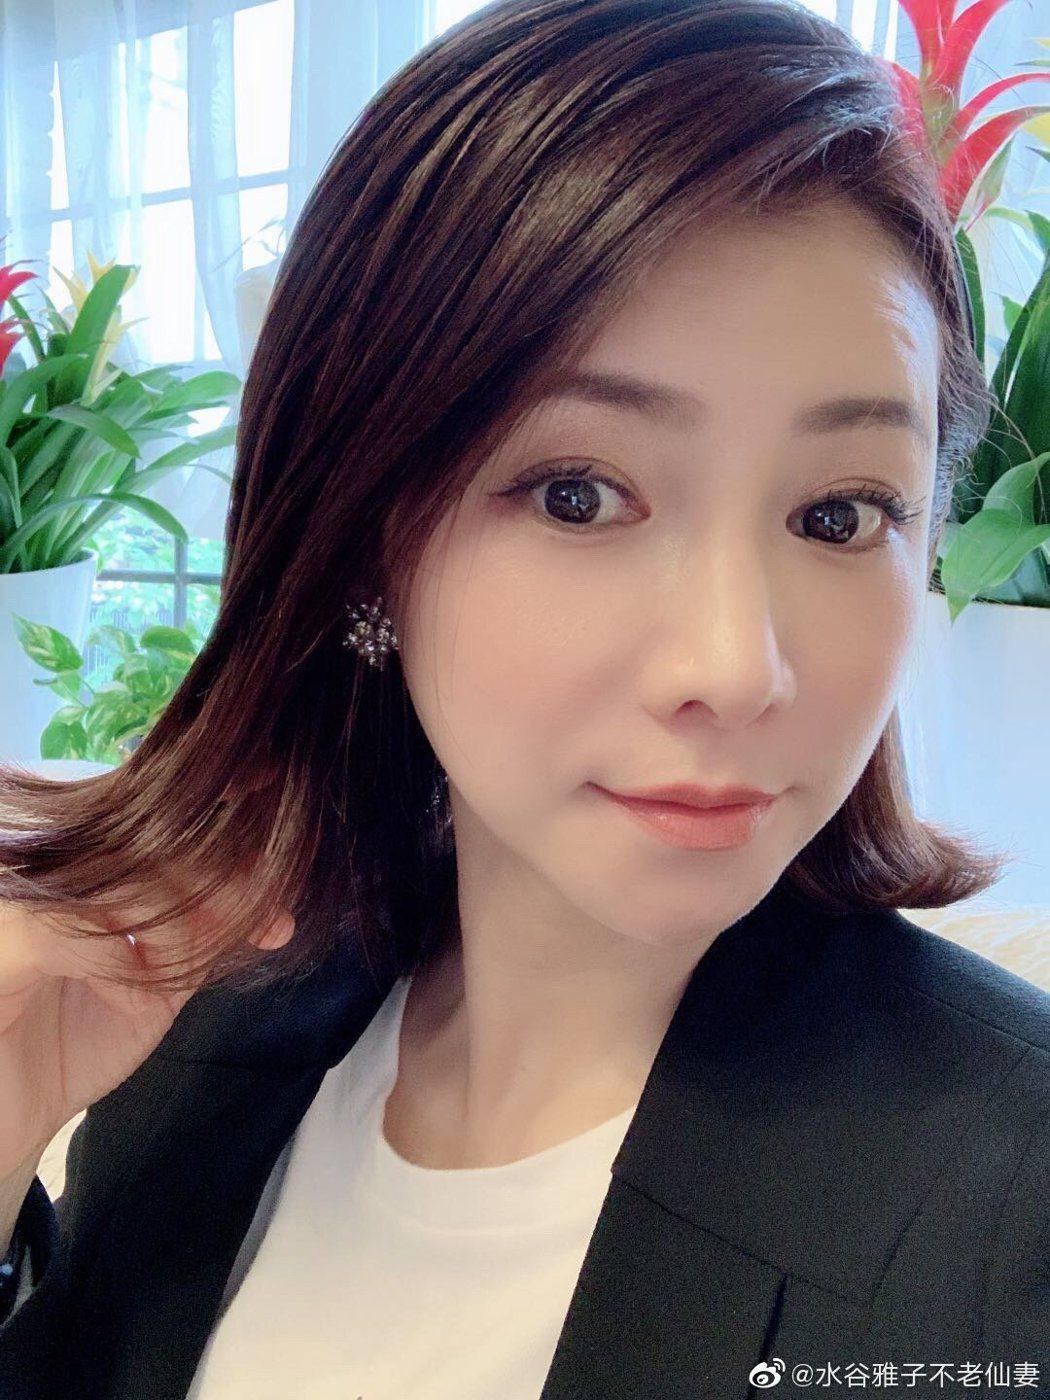 水谷雅子有「不老仙妻」美名,圖為今年5月3日雅子所光近照。圖/擷自微博